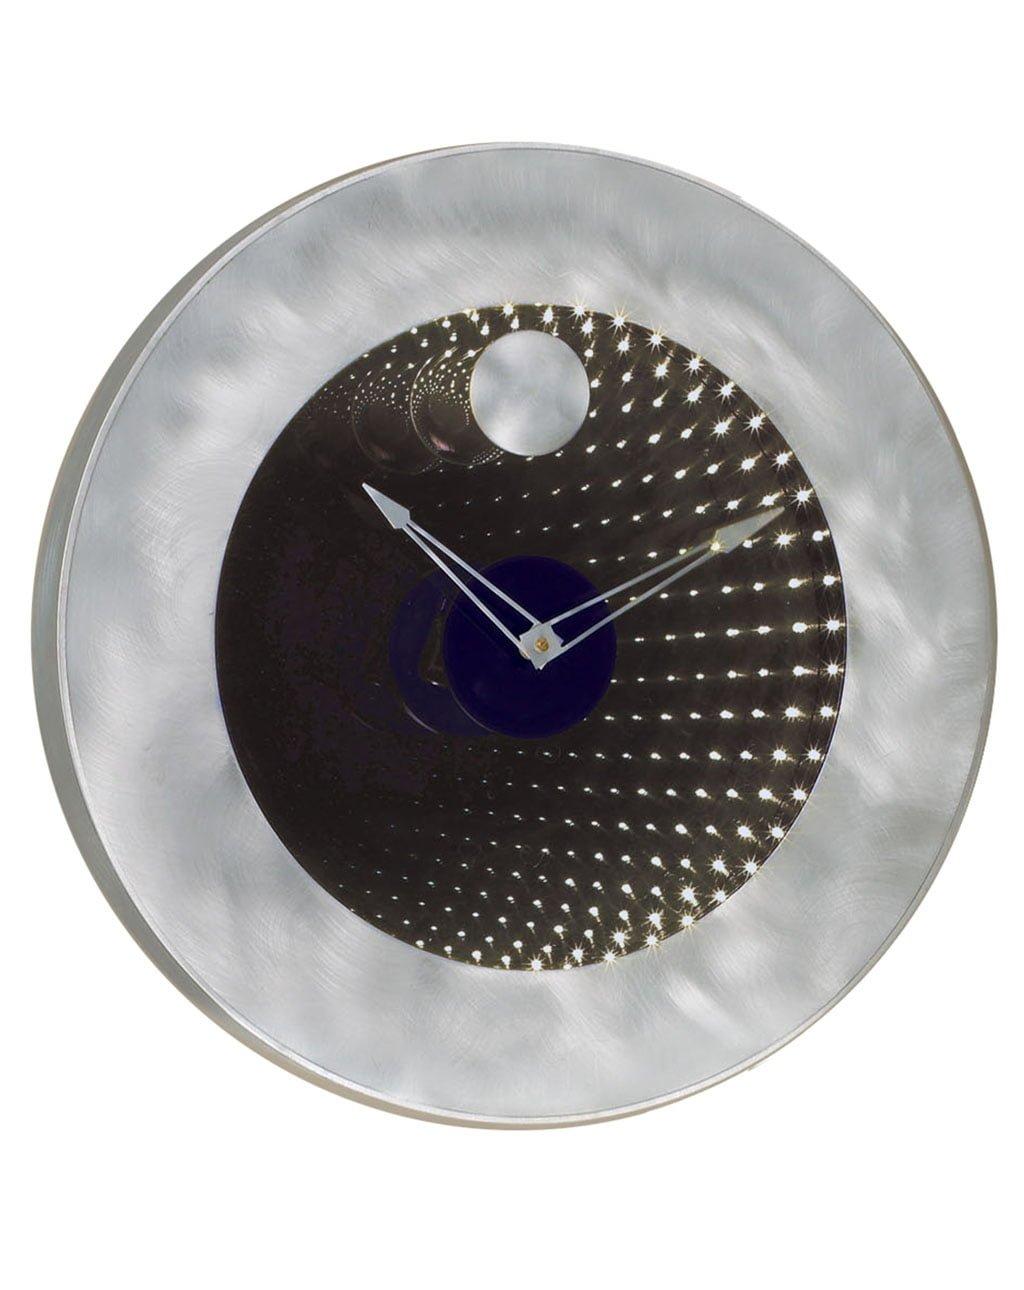 Interstellar Clock, Brushed Aluminum